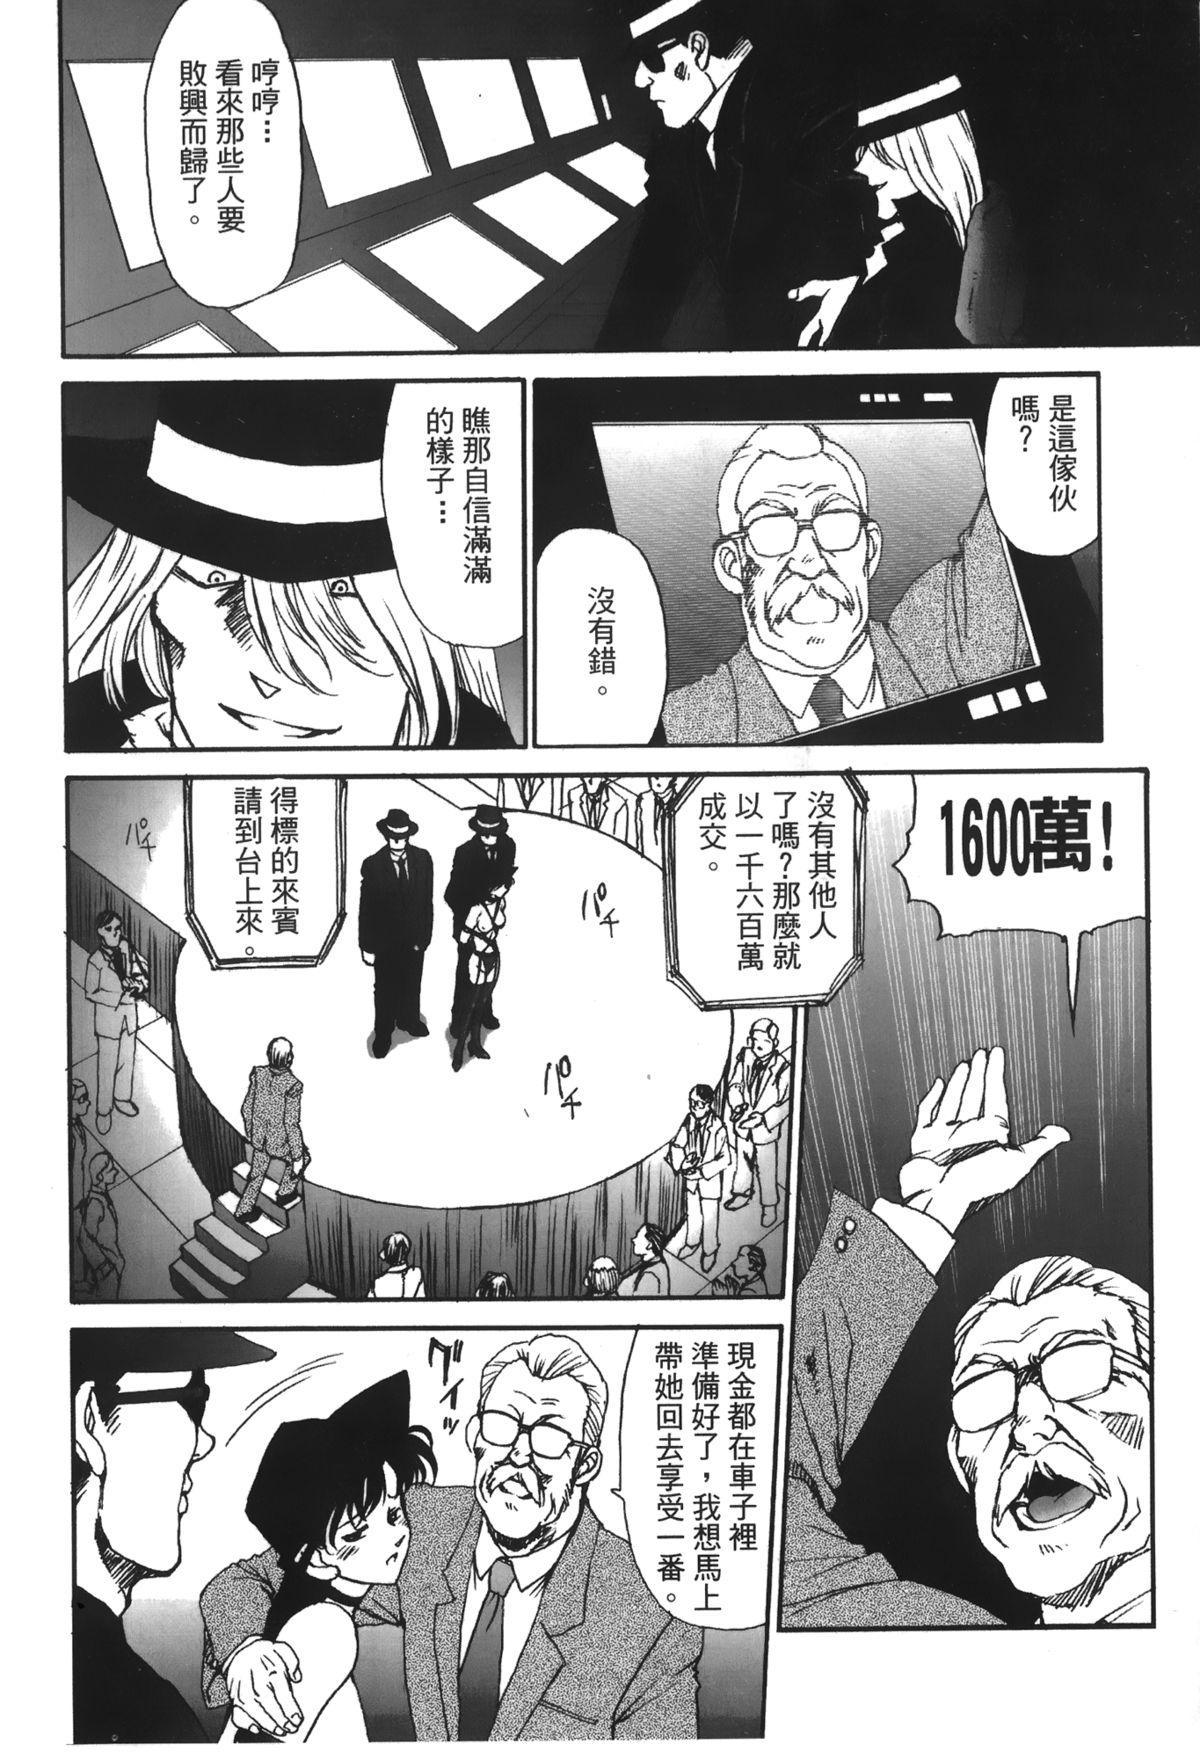 Detective Assistant Vol. 13 4